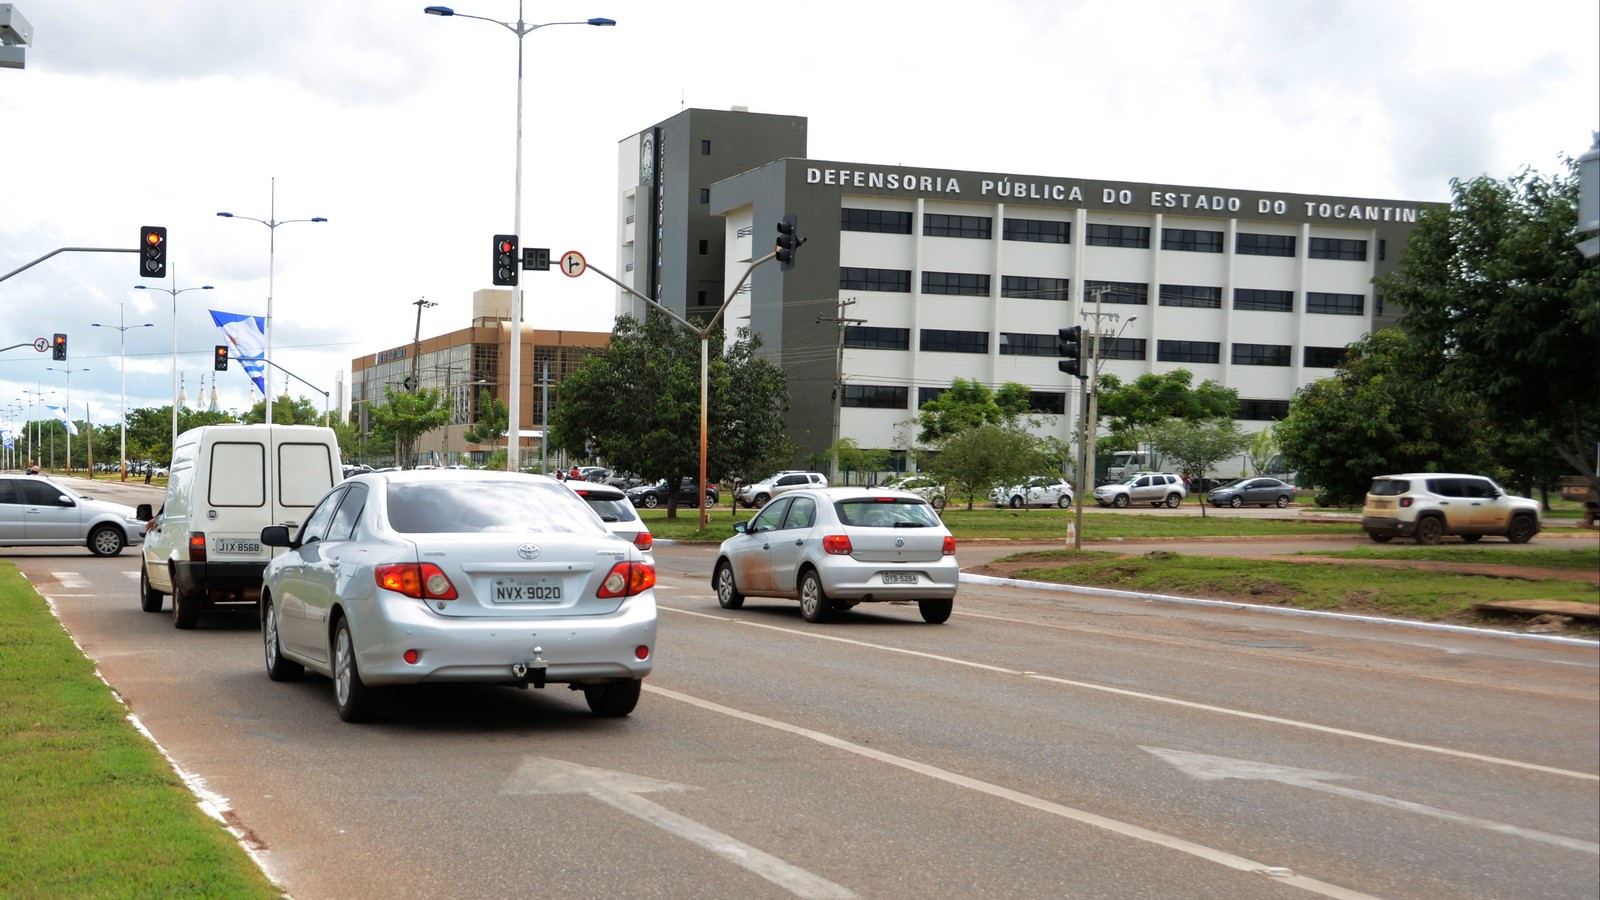 DPE-TO recomenda que Hospital de Campanha em Araguaína receba em sua UTI pacientes de covid-19 regulados pelo Estado